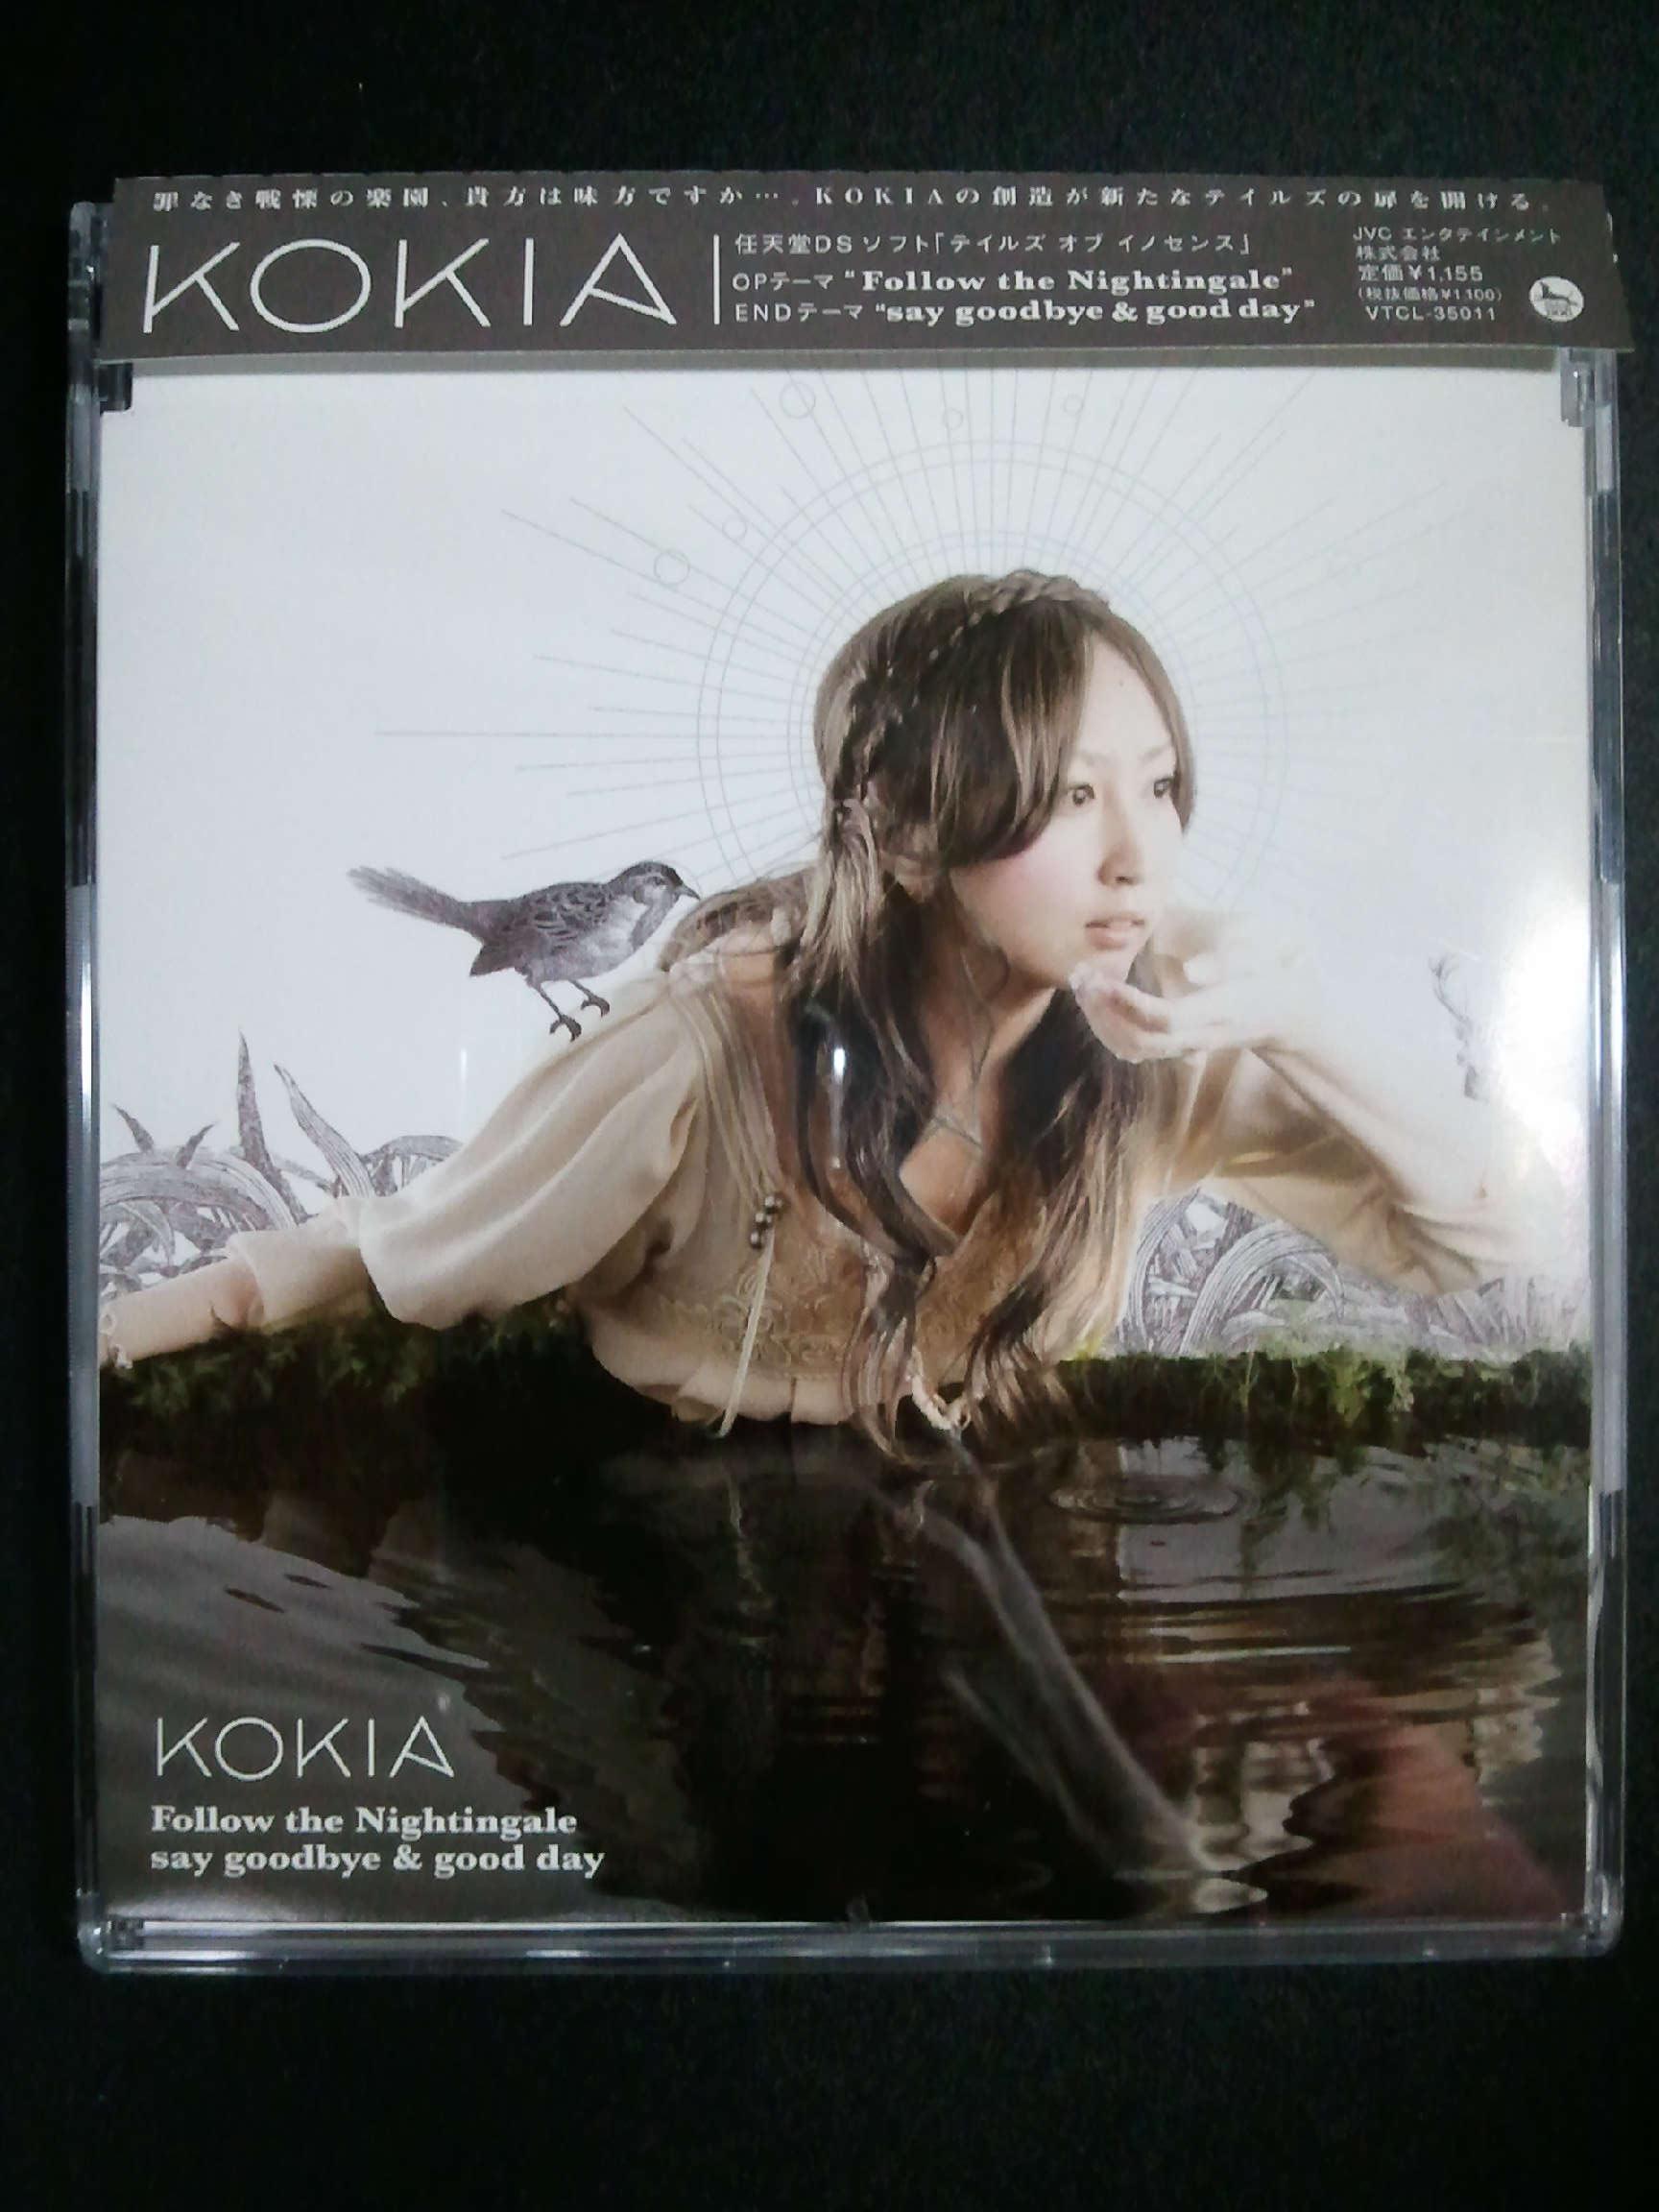 KOKIA Follow the Nightingale